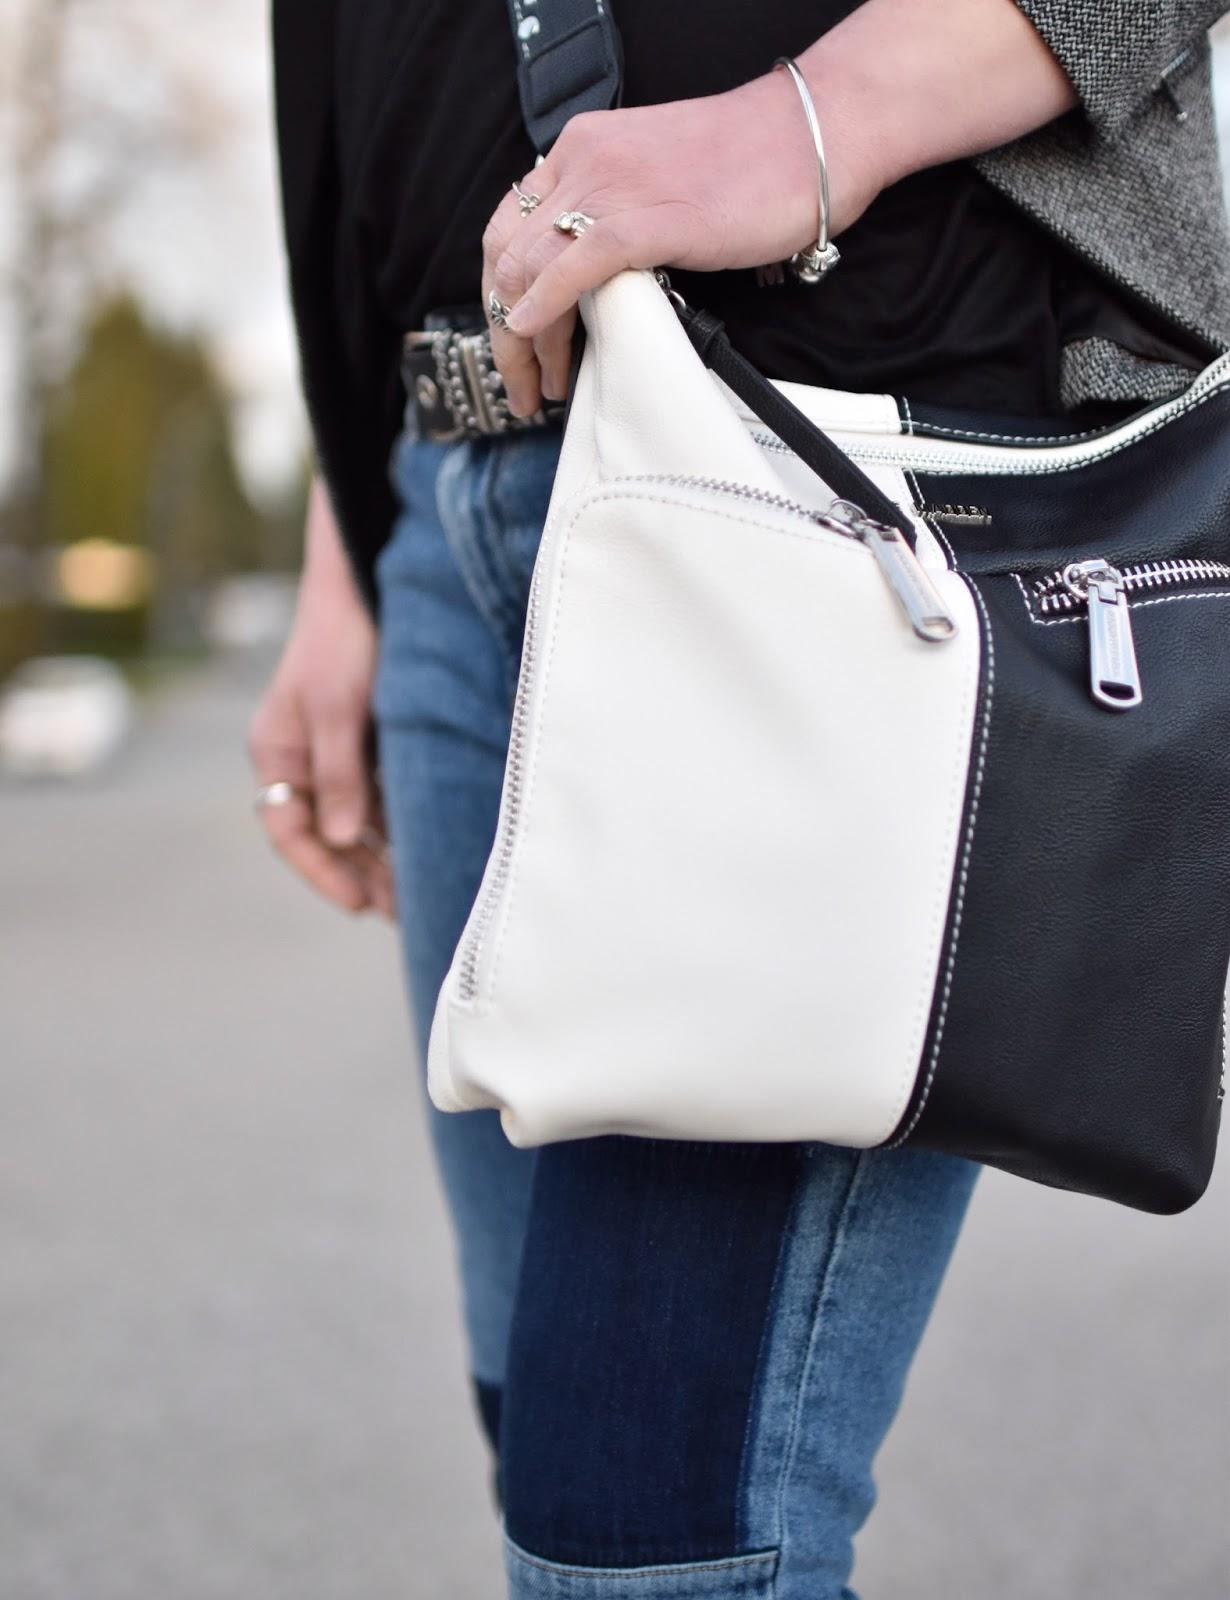 Monika Faulkner outfit inspiration - Steve Madden colour-blocked cross-body bag